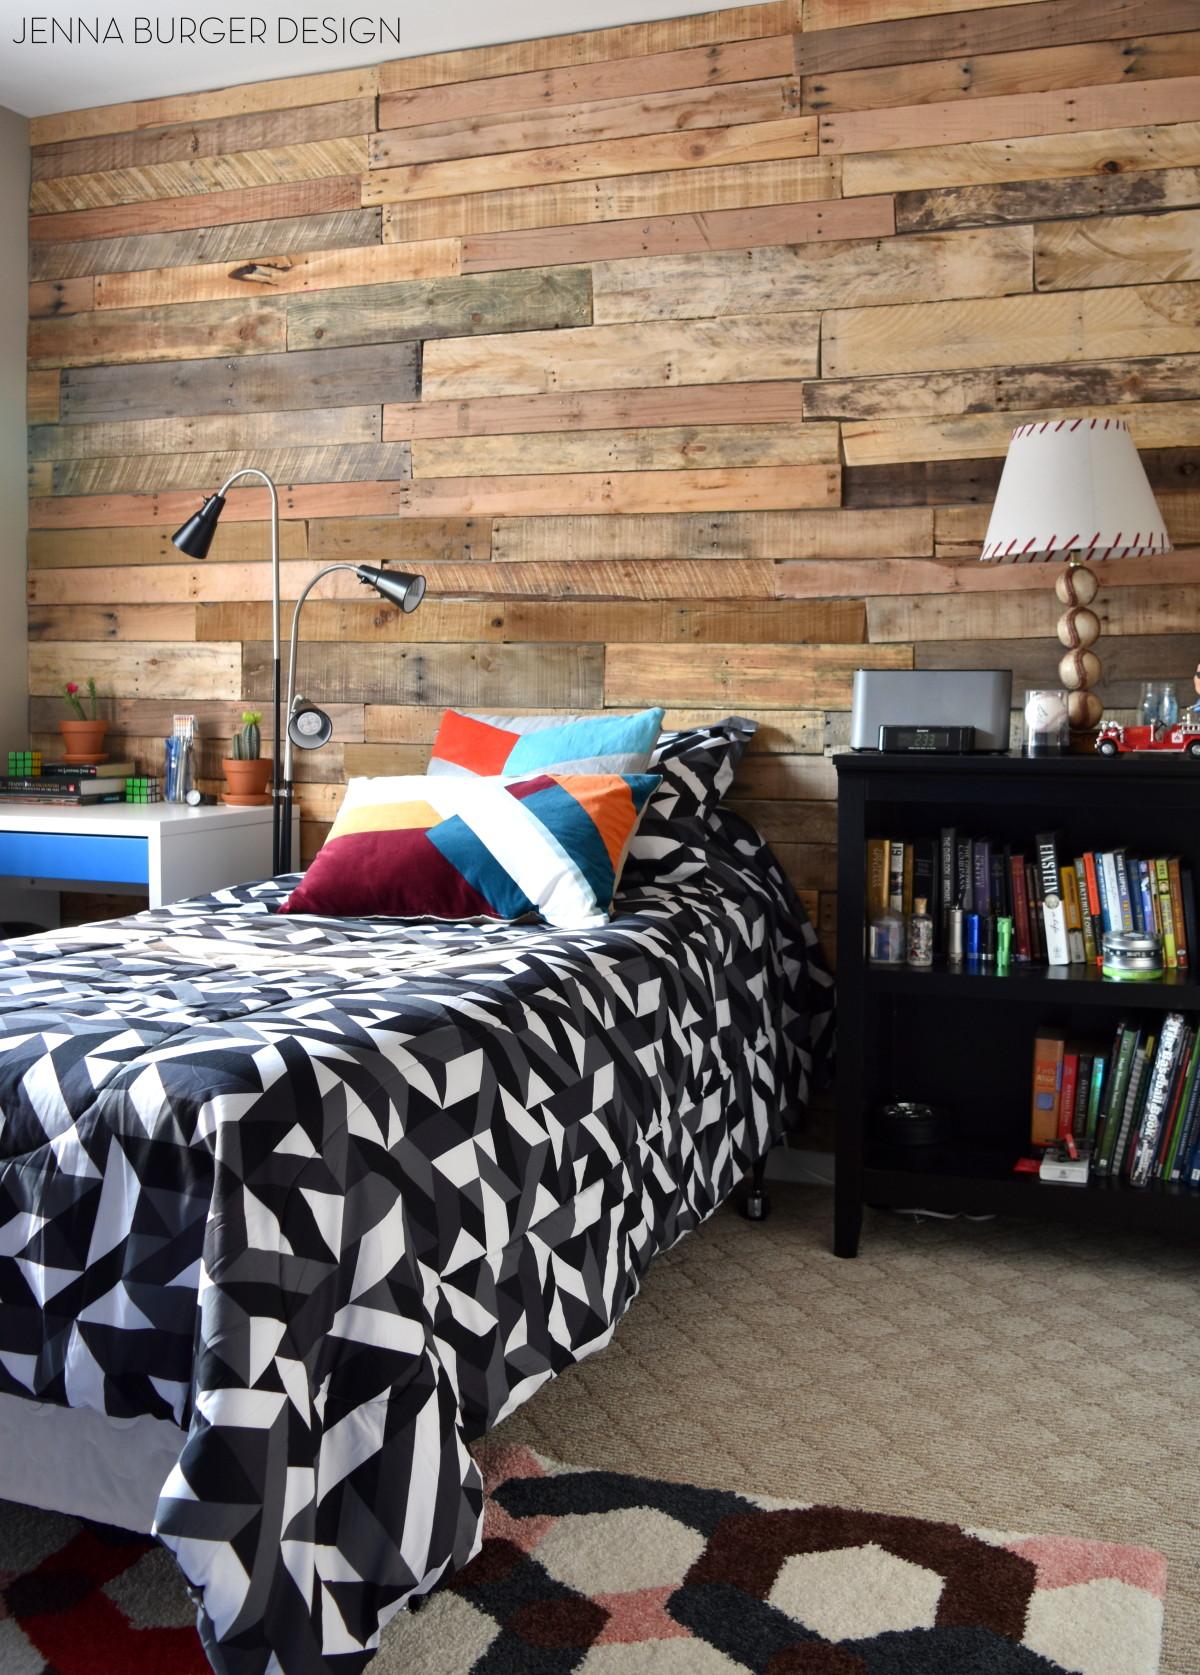 Modern Rustic Teen Room Diy Pallet Wall Tutorial